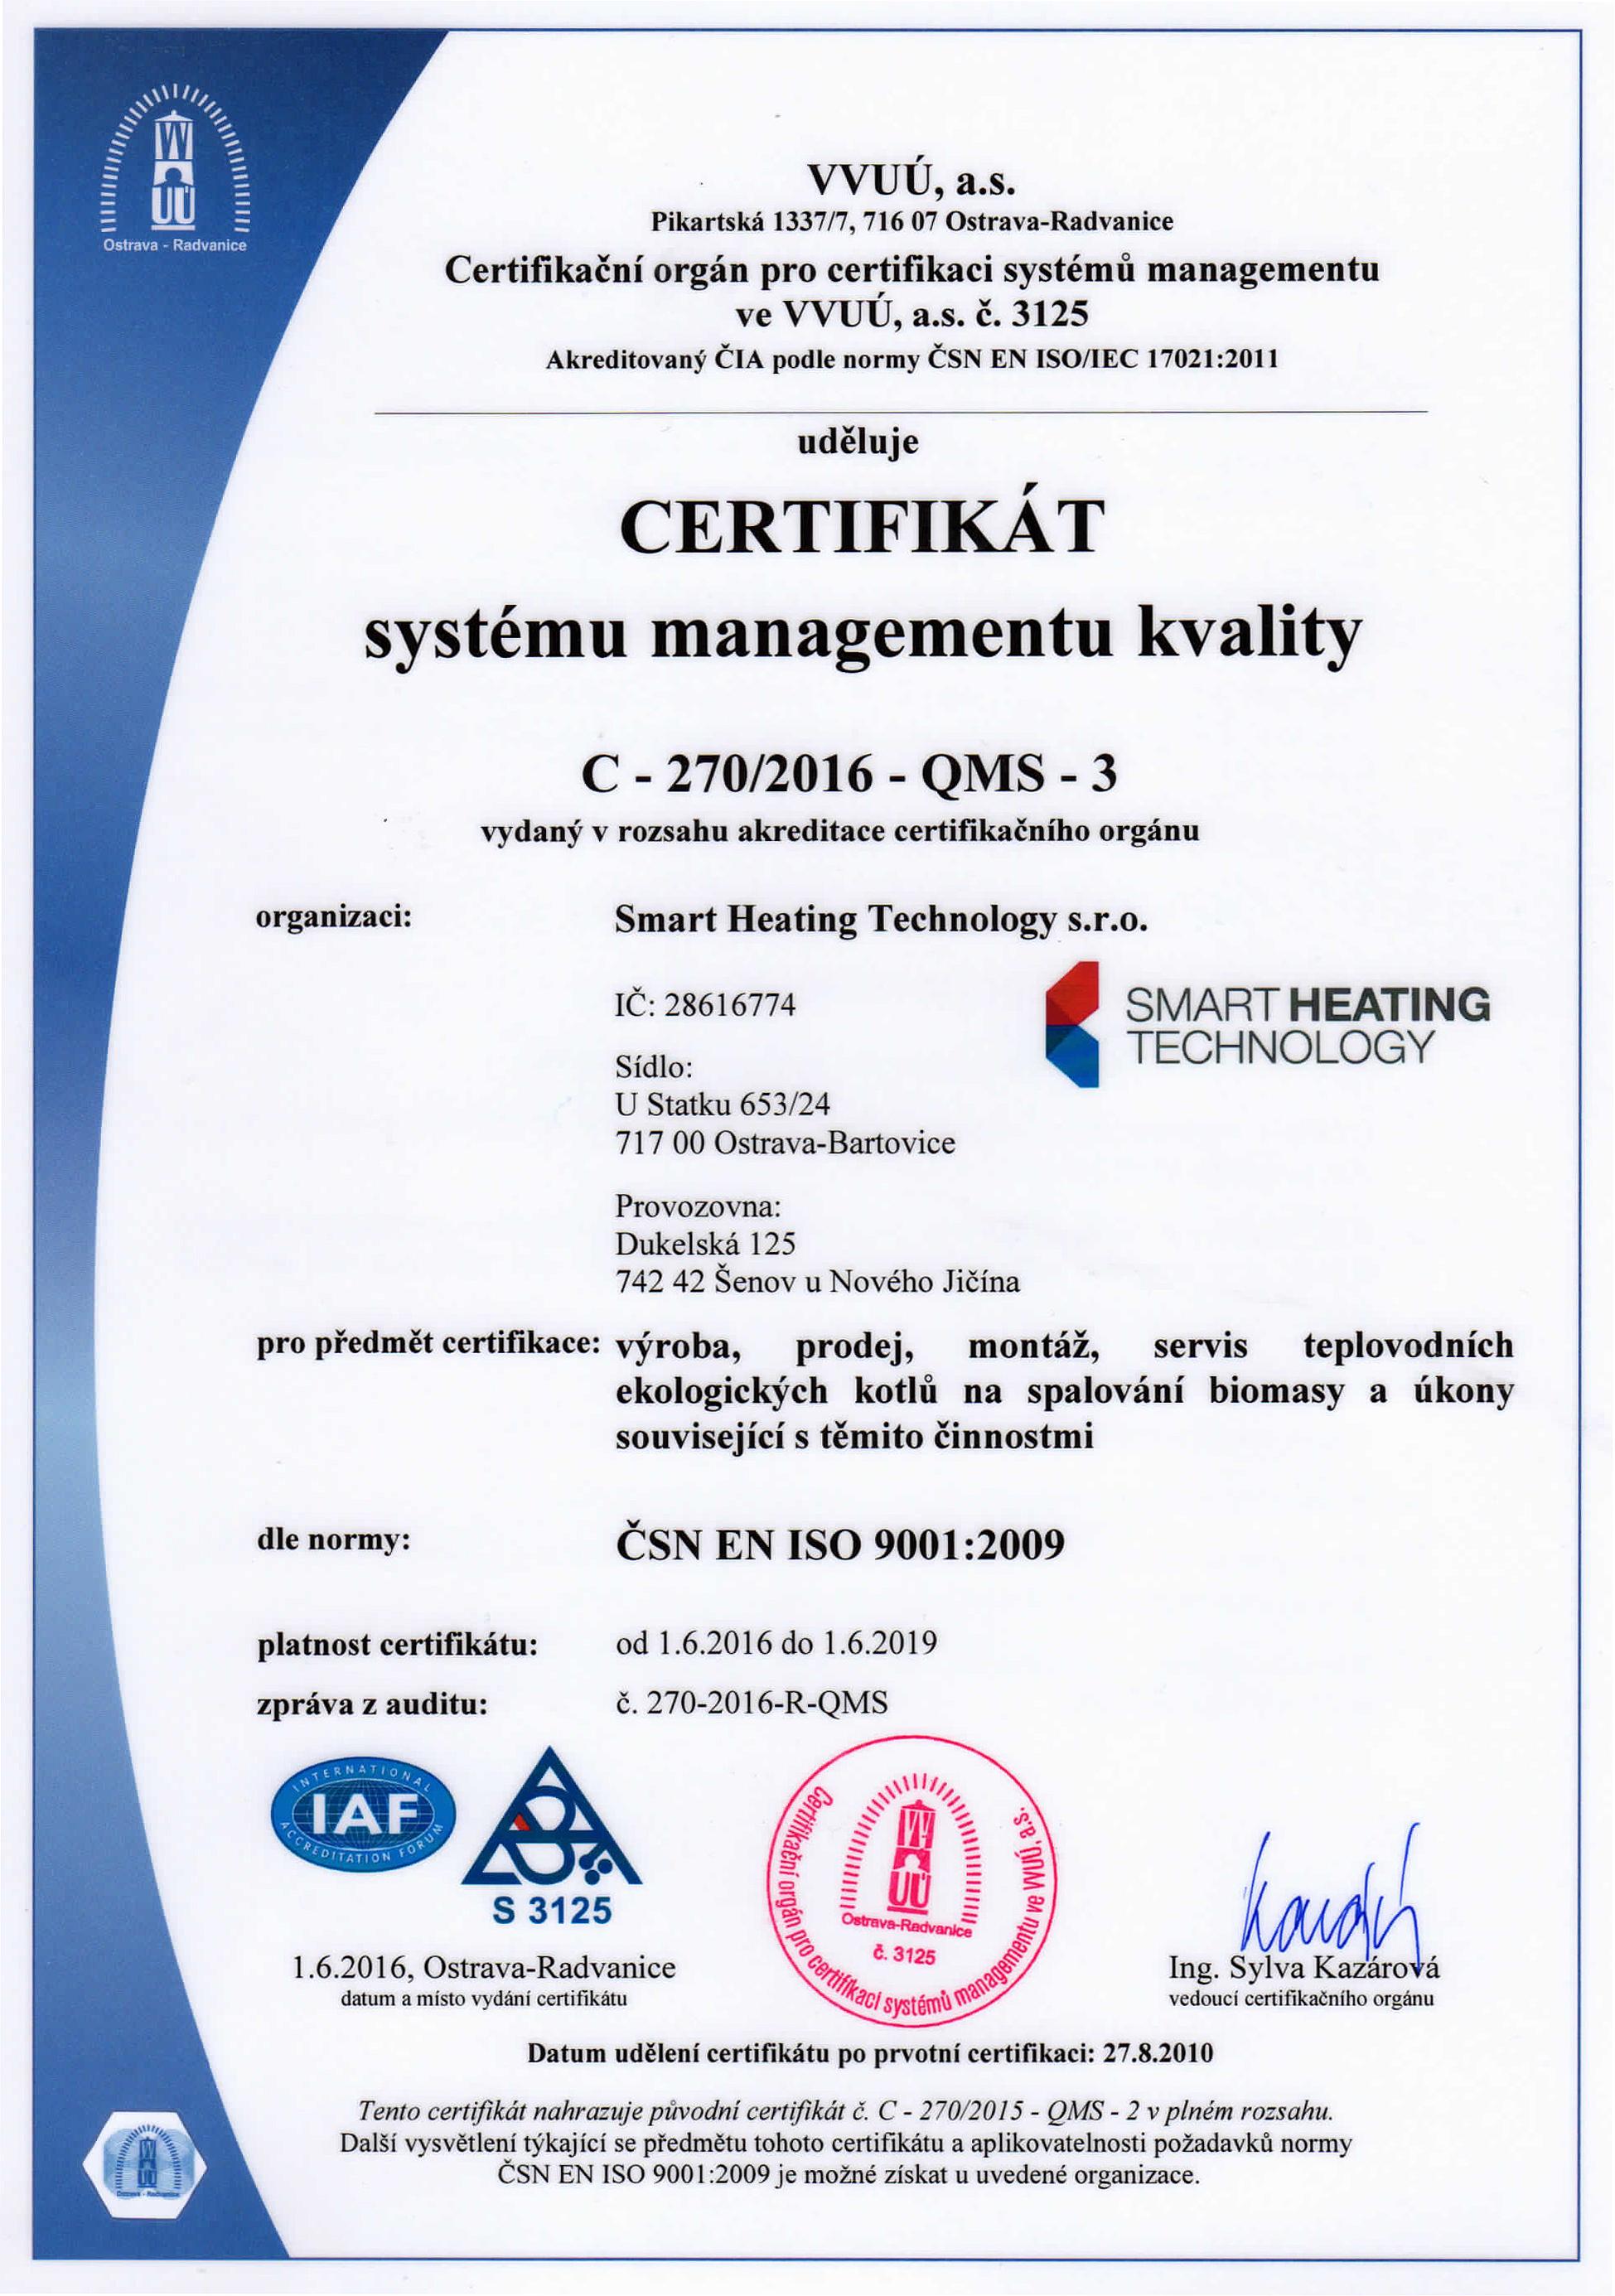 certifikat-c_270_2016-qms_3-cz